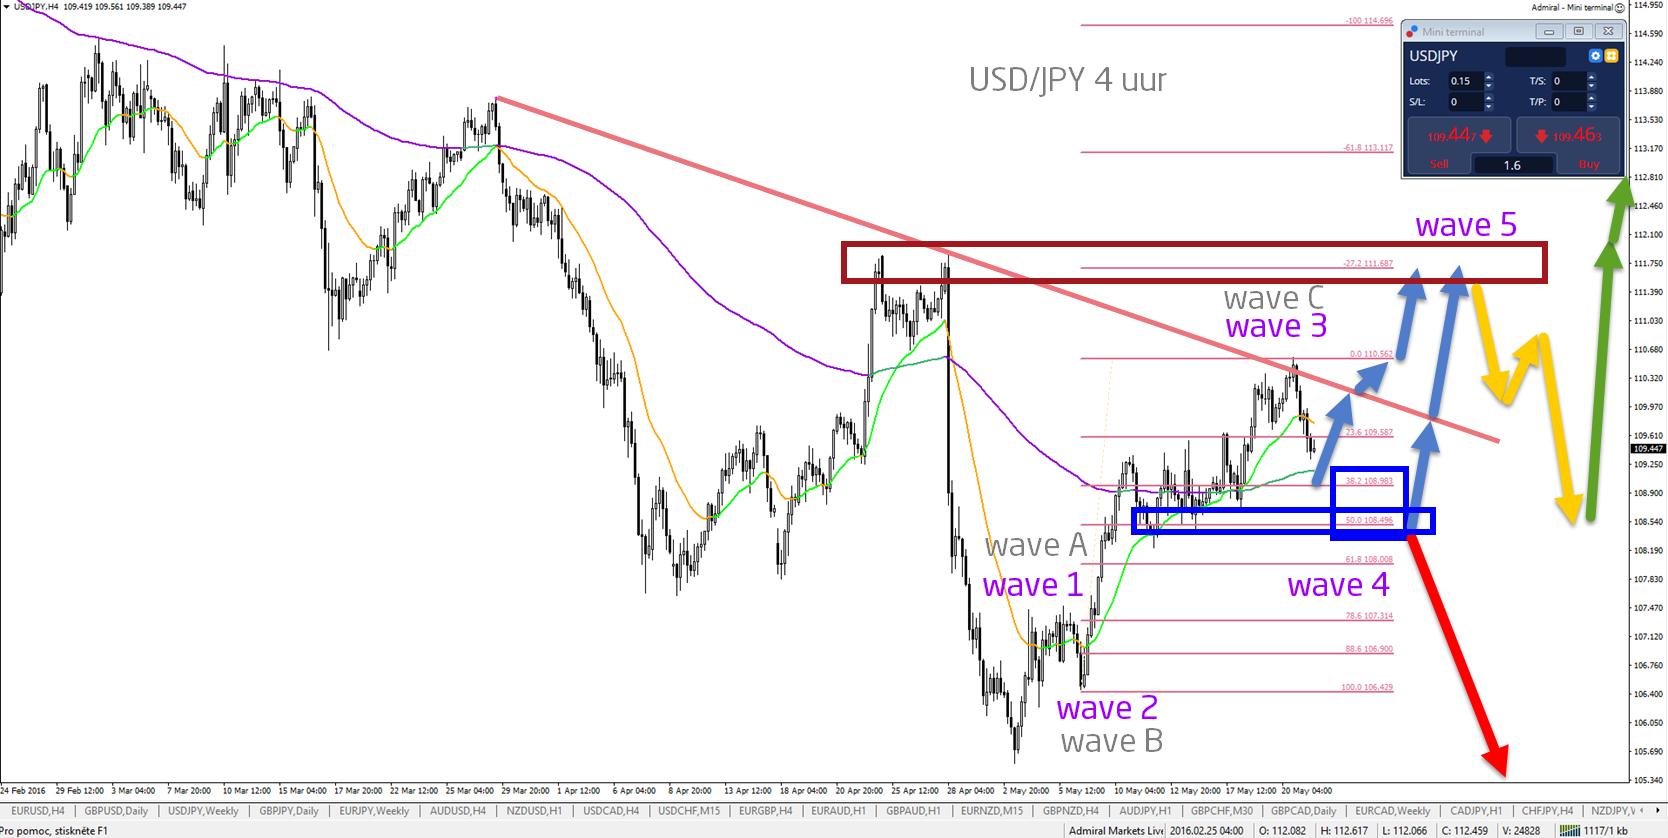 USDJPY wave analyse 4uur